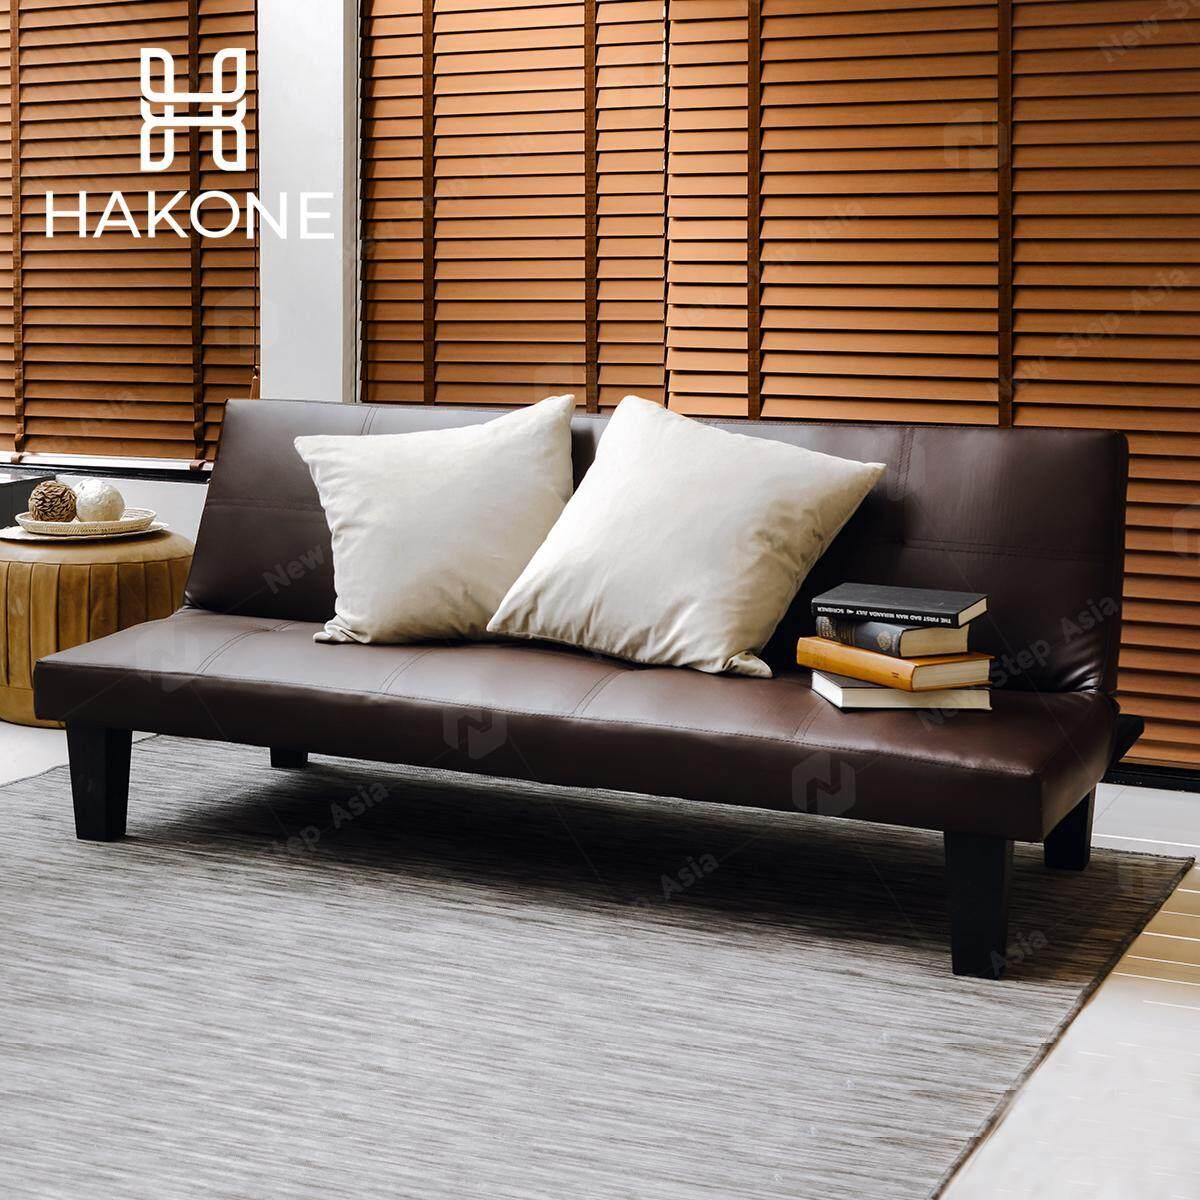 Hakone โซฟาปรับนอน 180 องศา สำหรับ 3 ที่นั่ง โซฟา โซฟาเบด Sofabed Sofa Bed ขาโซฟาอยู่ในซิปใต้เบาะ New Step Asia.